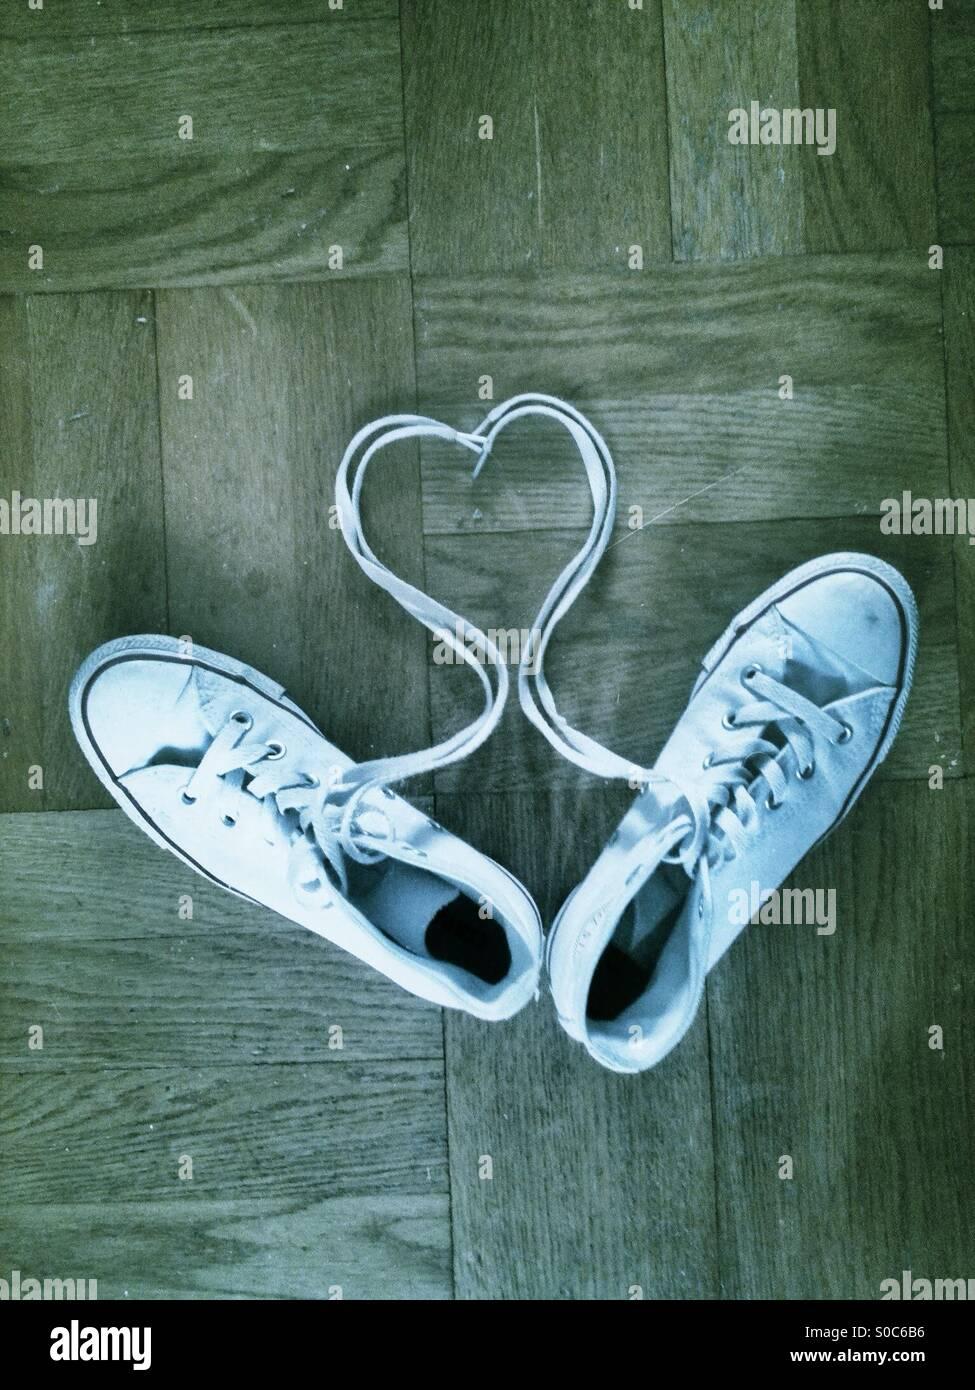 En forma de corazón blanco cordones con instructores sobre un piso de madera. Imagen De Stock